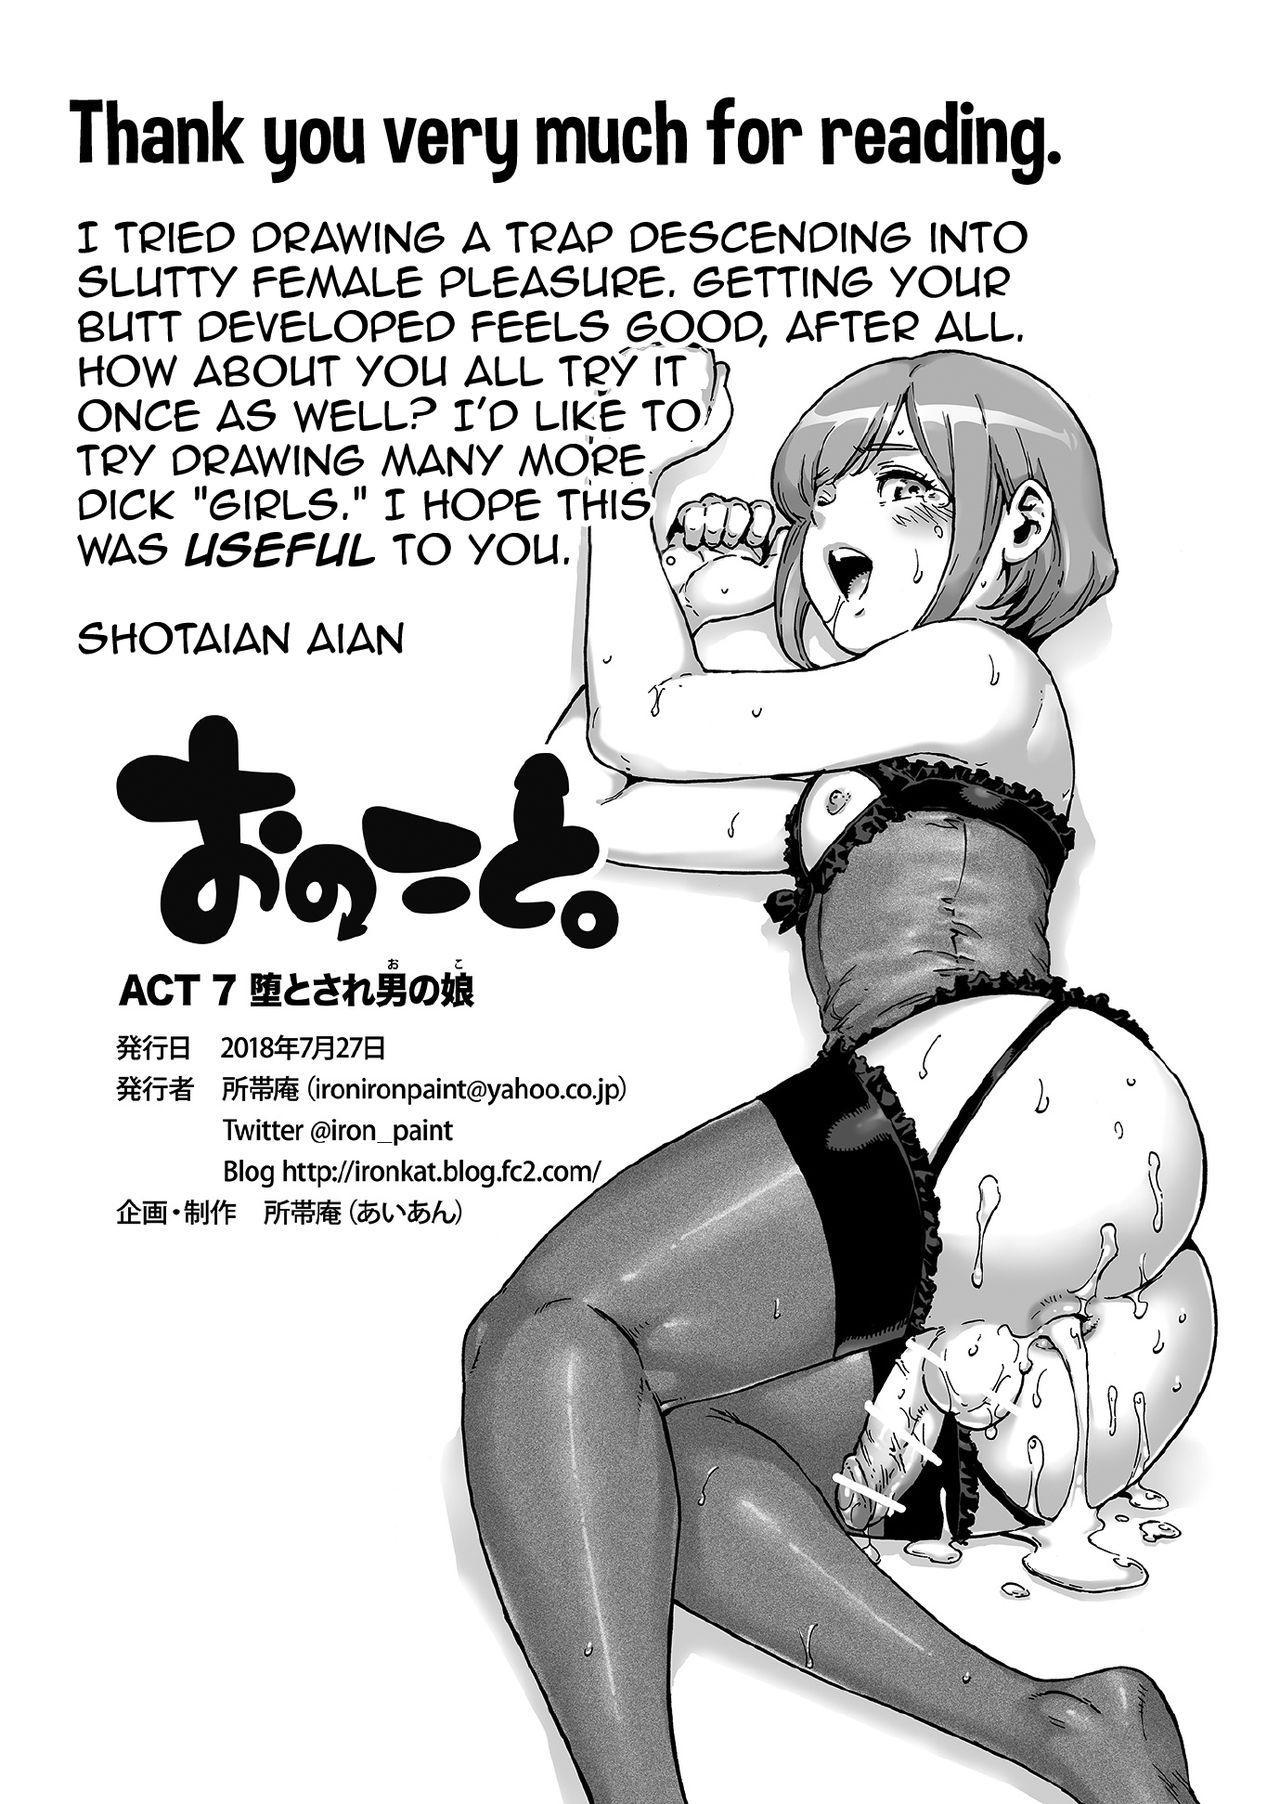 Onoko to. ACT 7 Otosare Onoko 19